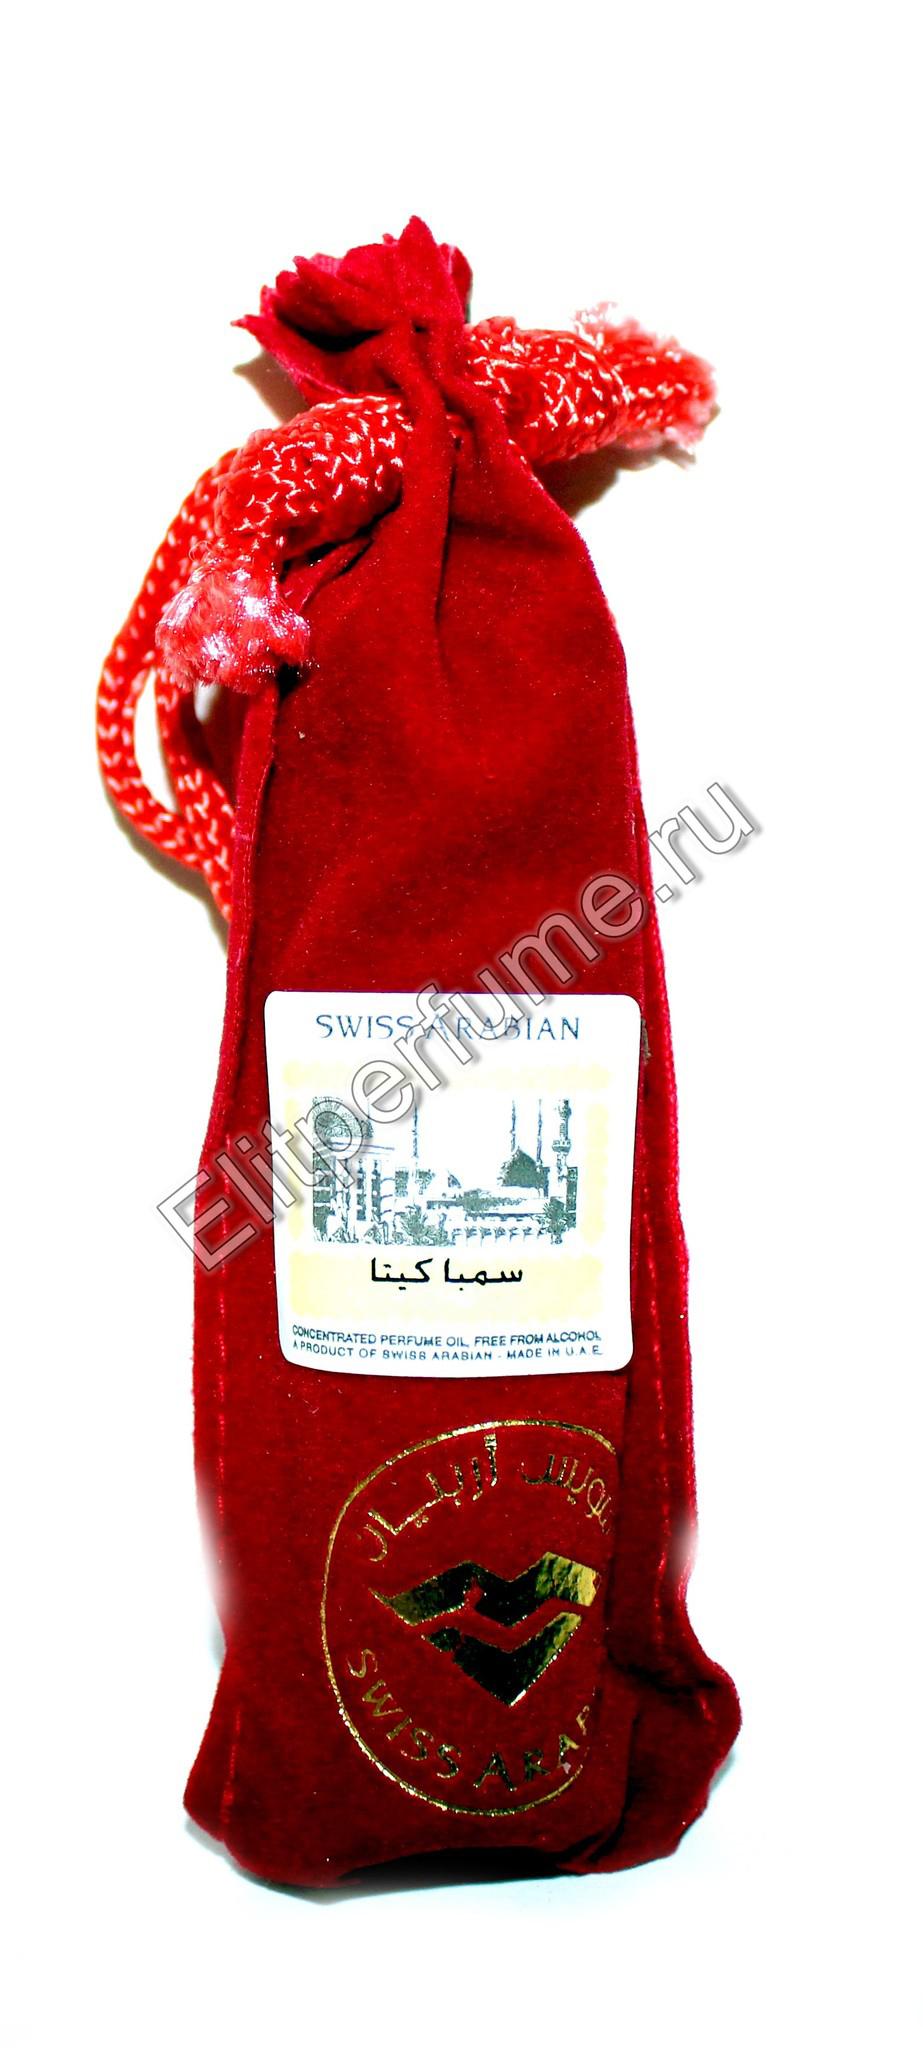 Potion Зелье 10 мл арабские масляные духи от Свисс Арабиан Swiss Arabian